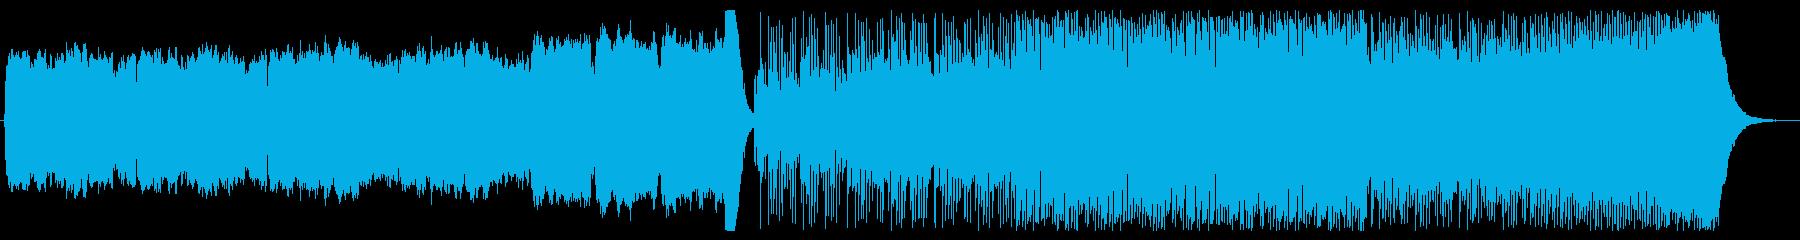 荘厳なパイプオルガンから激しいロックへの再生済みの波形